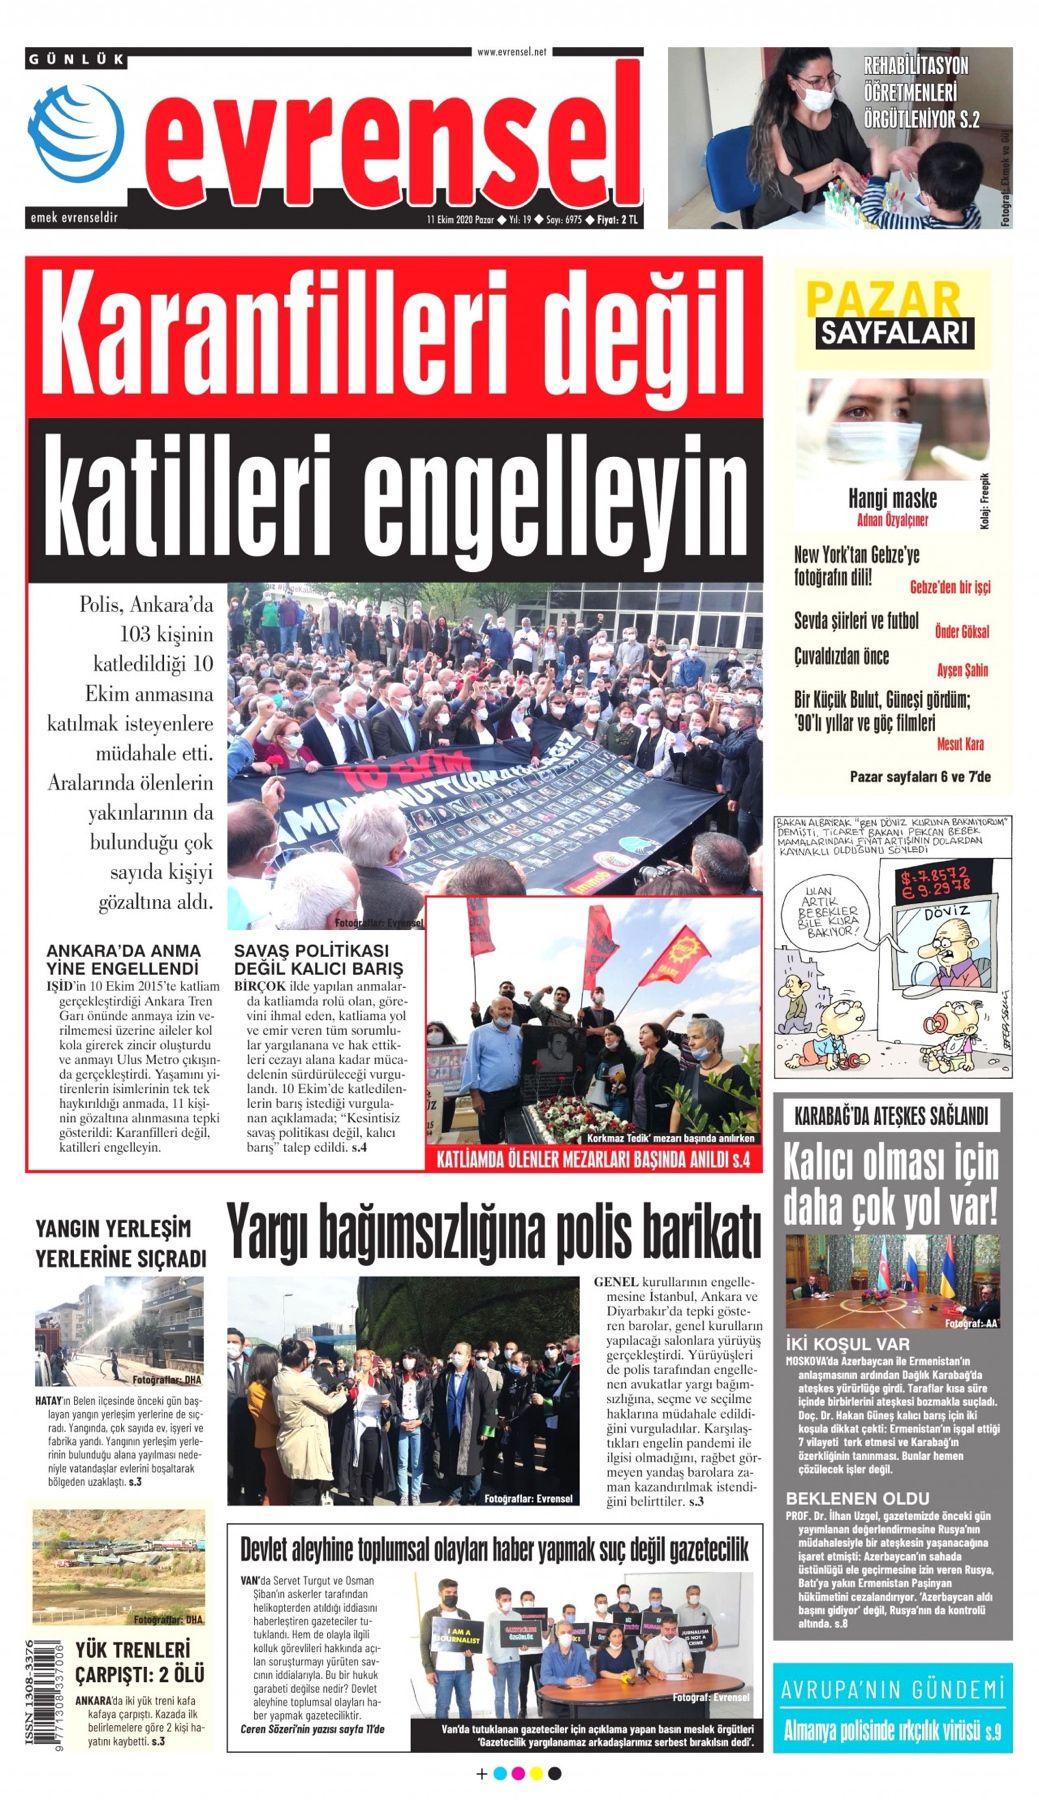 Evrensel Gazetesi 1 Sayfa 11 Ekim 2020 In 2020